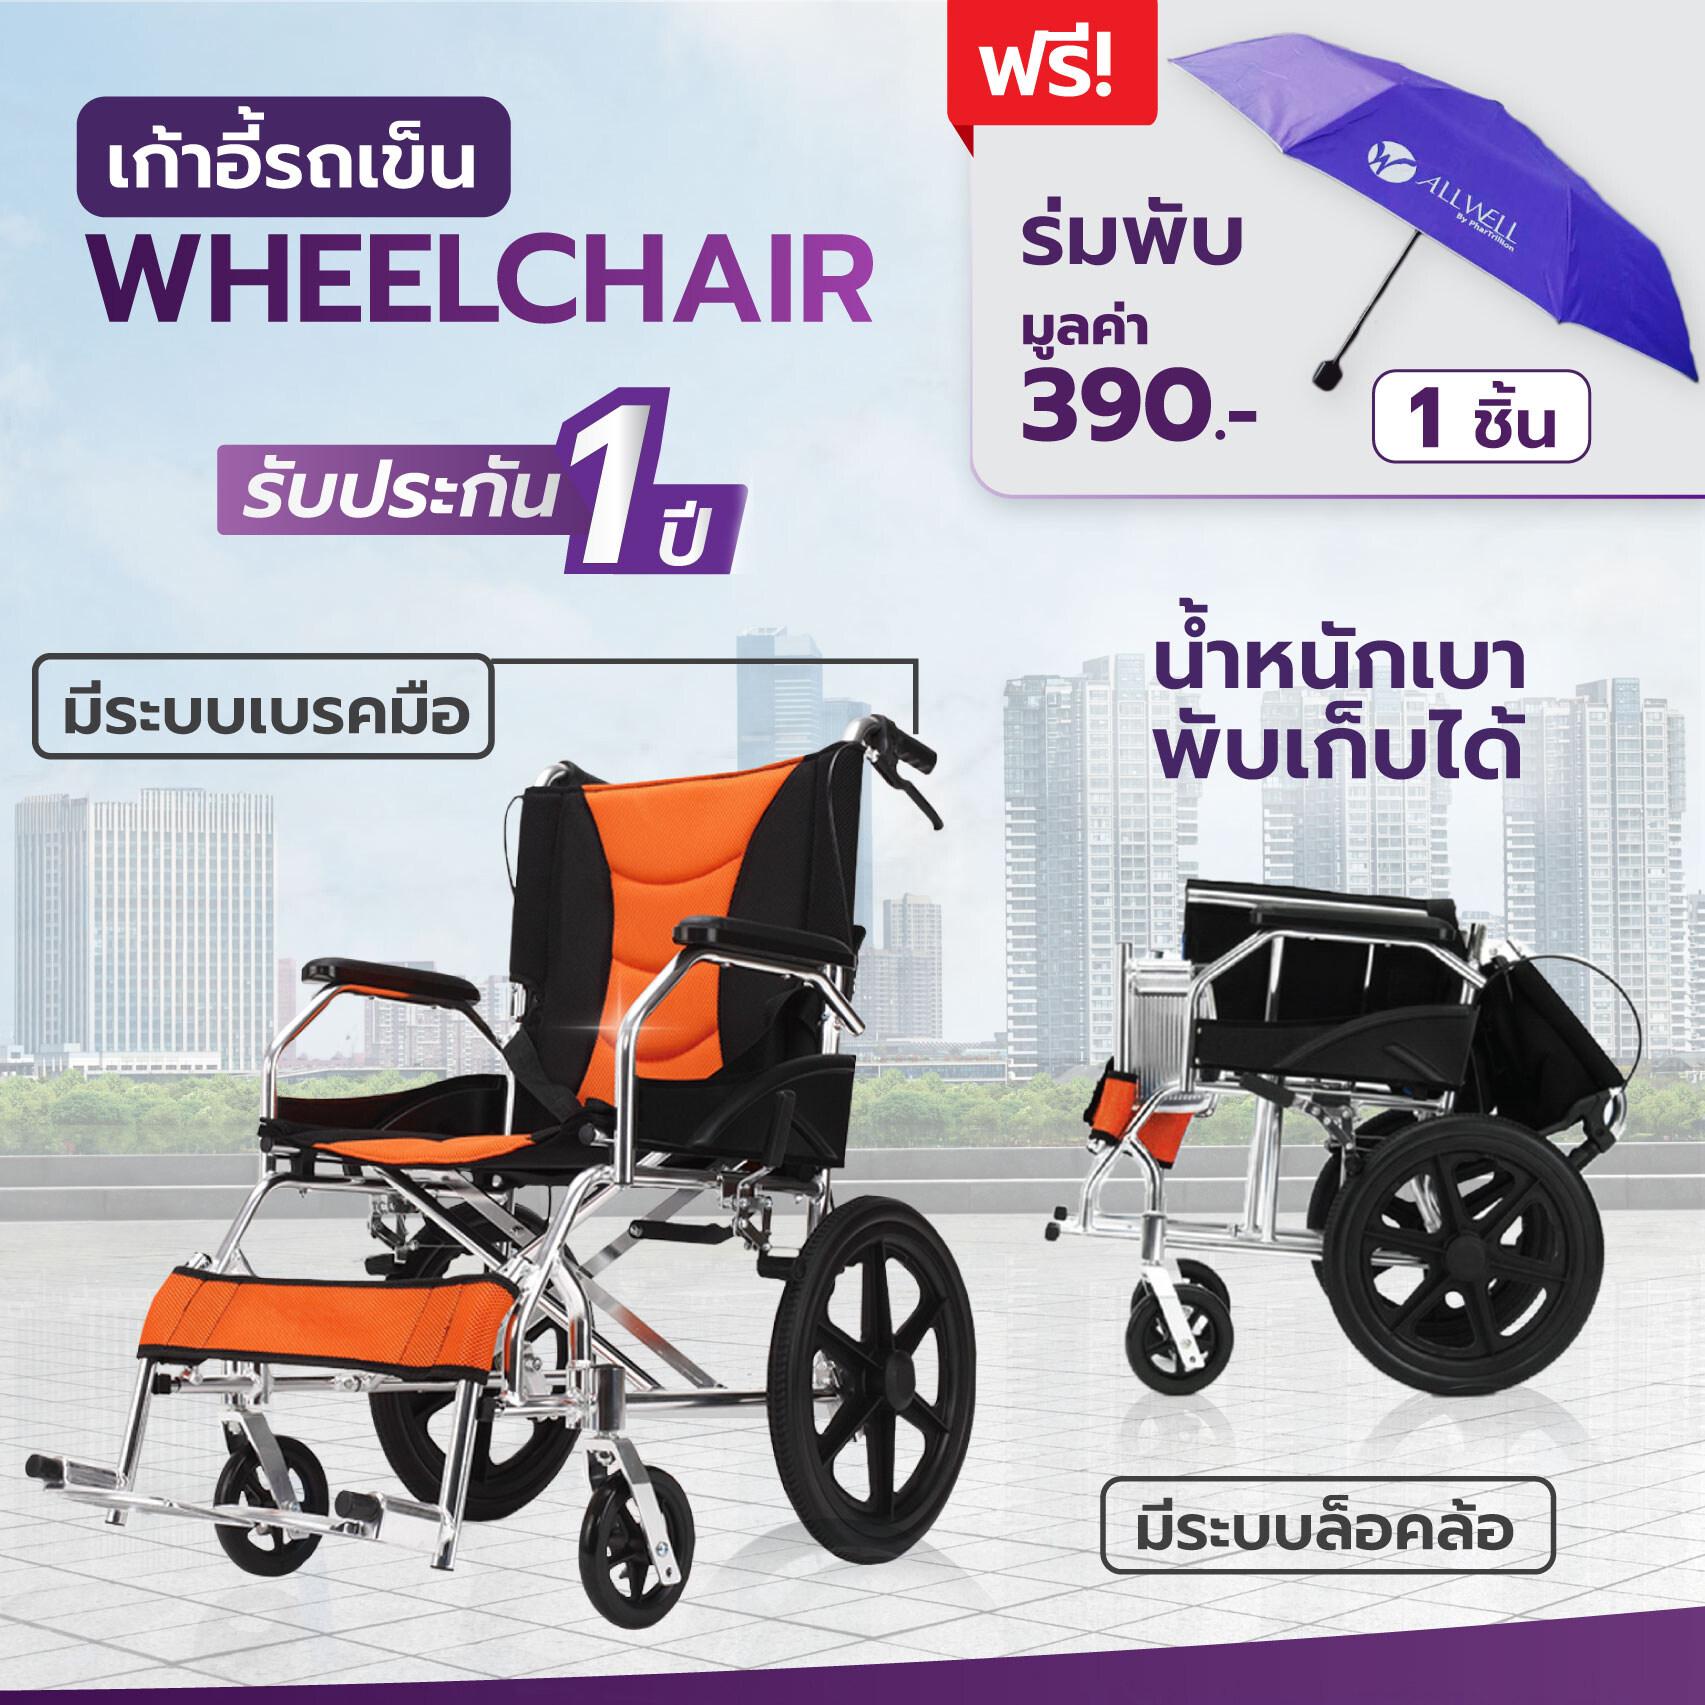 วีลแชร์ รถเข็นผู้ป่วย Wheelchair พับได้ ล้อเล็ก